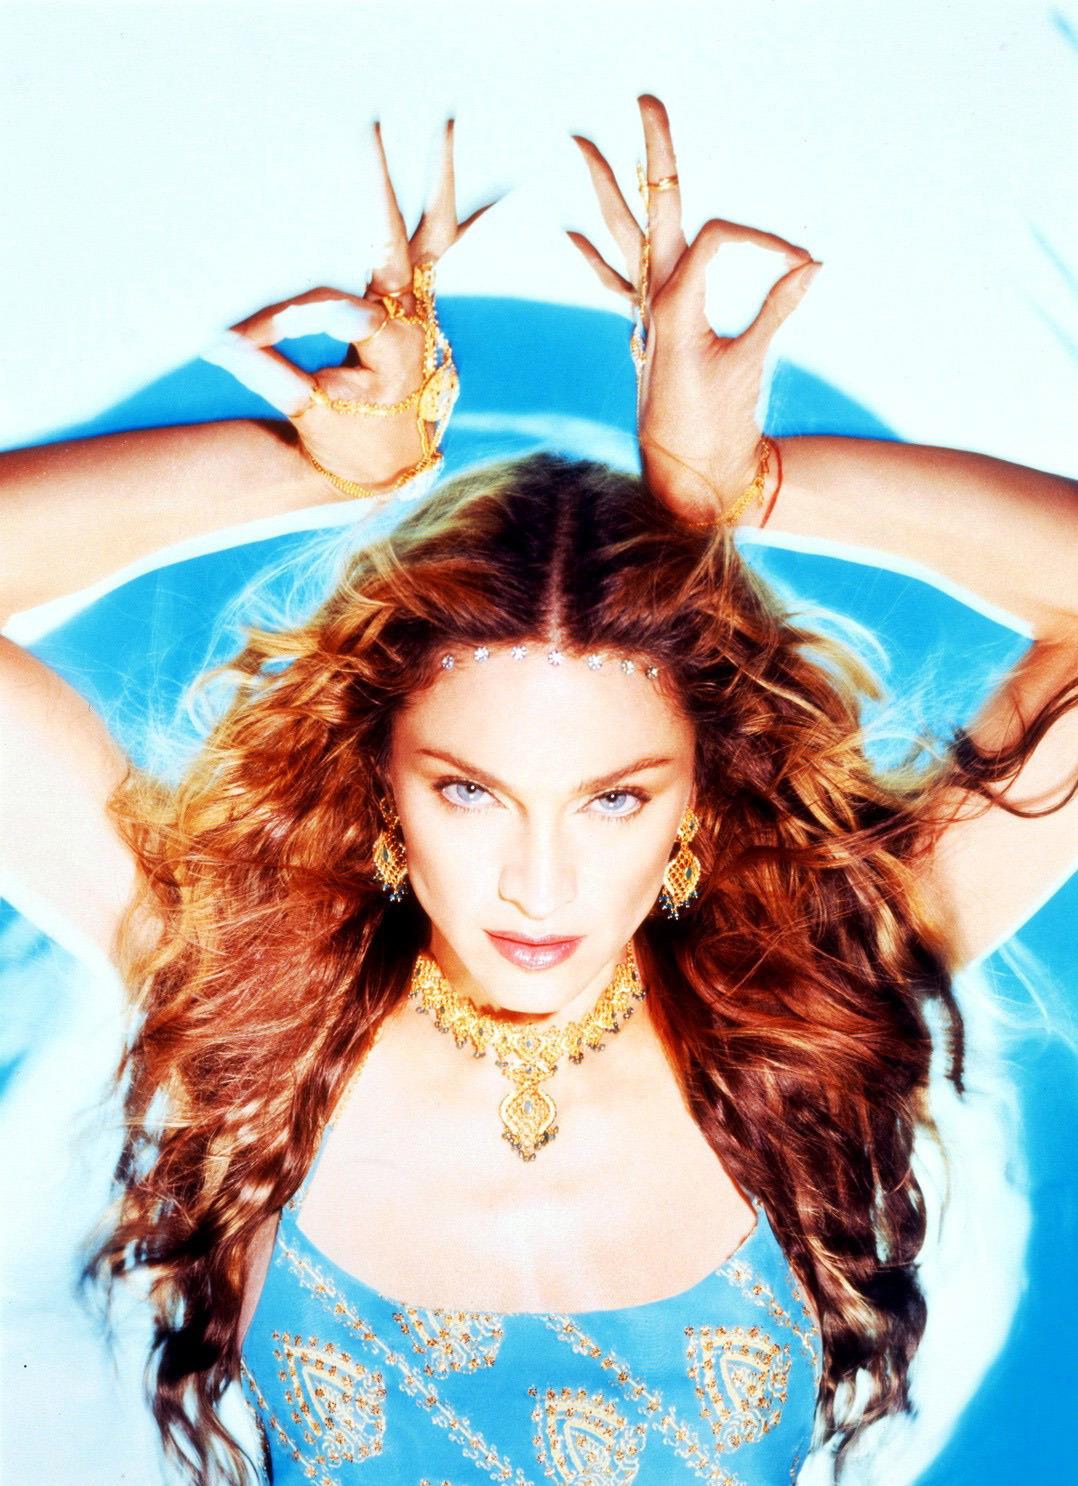 Madonna erotica 1993 - 4 6